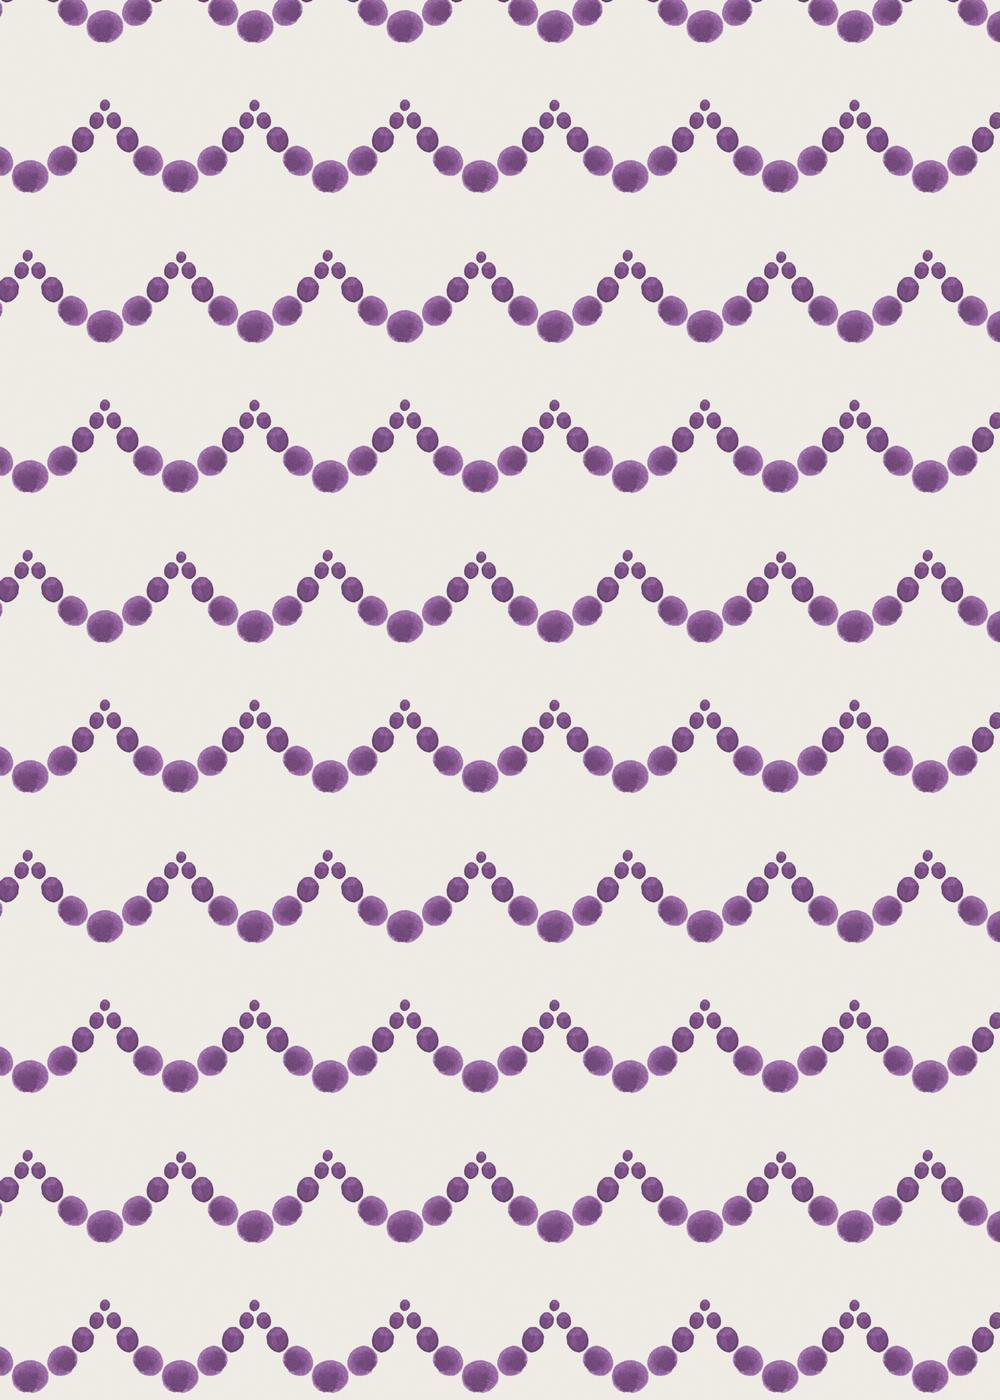 purple-loops.png